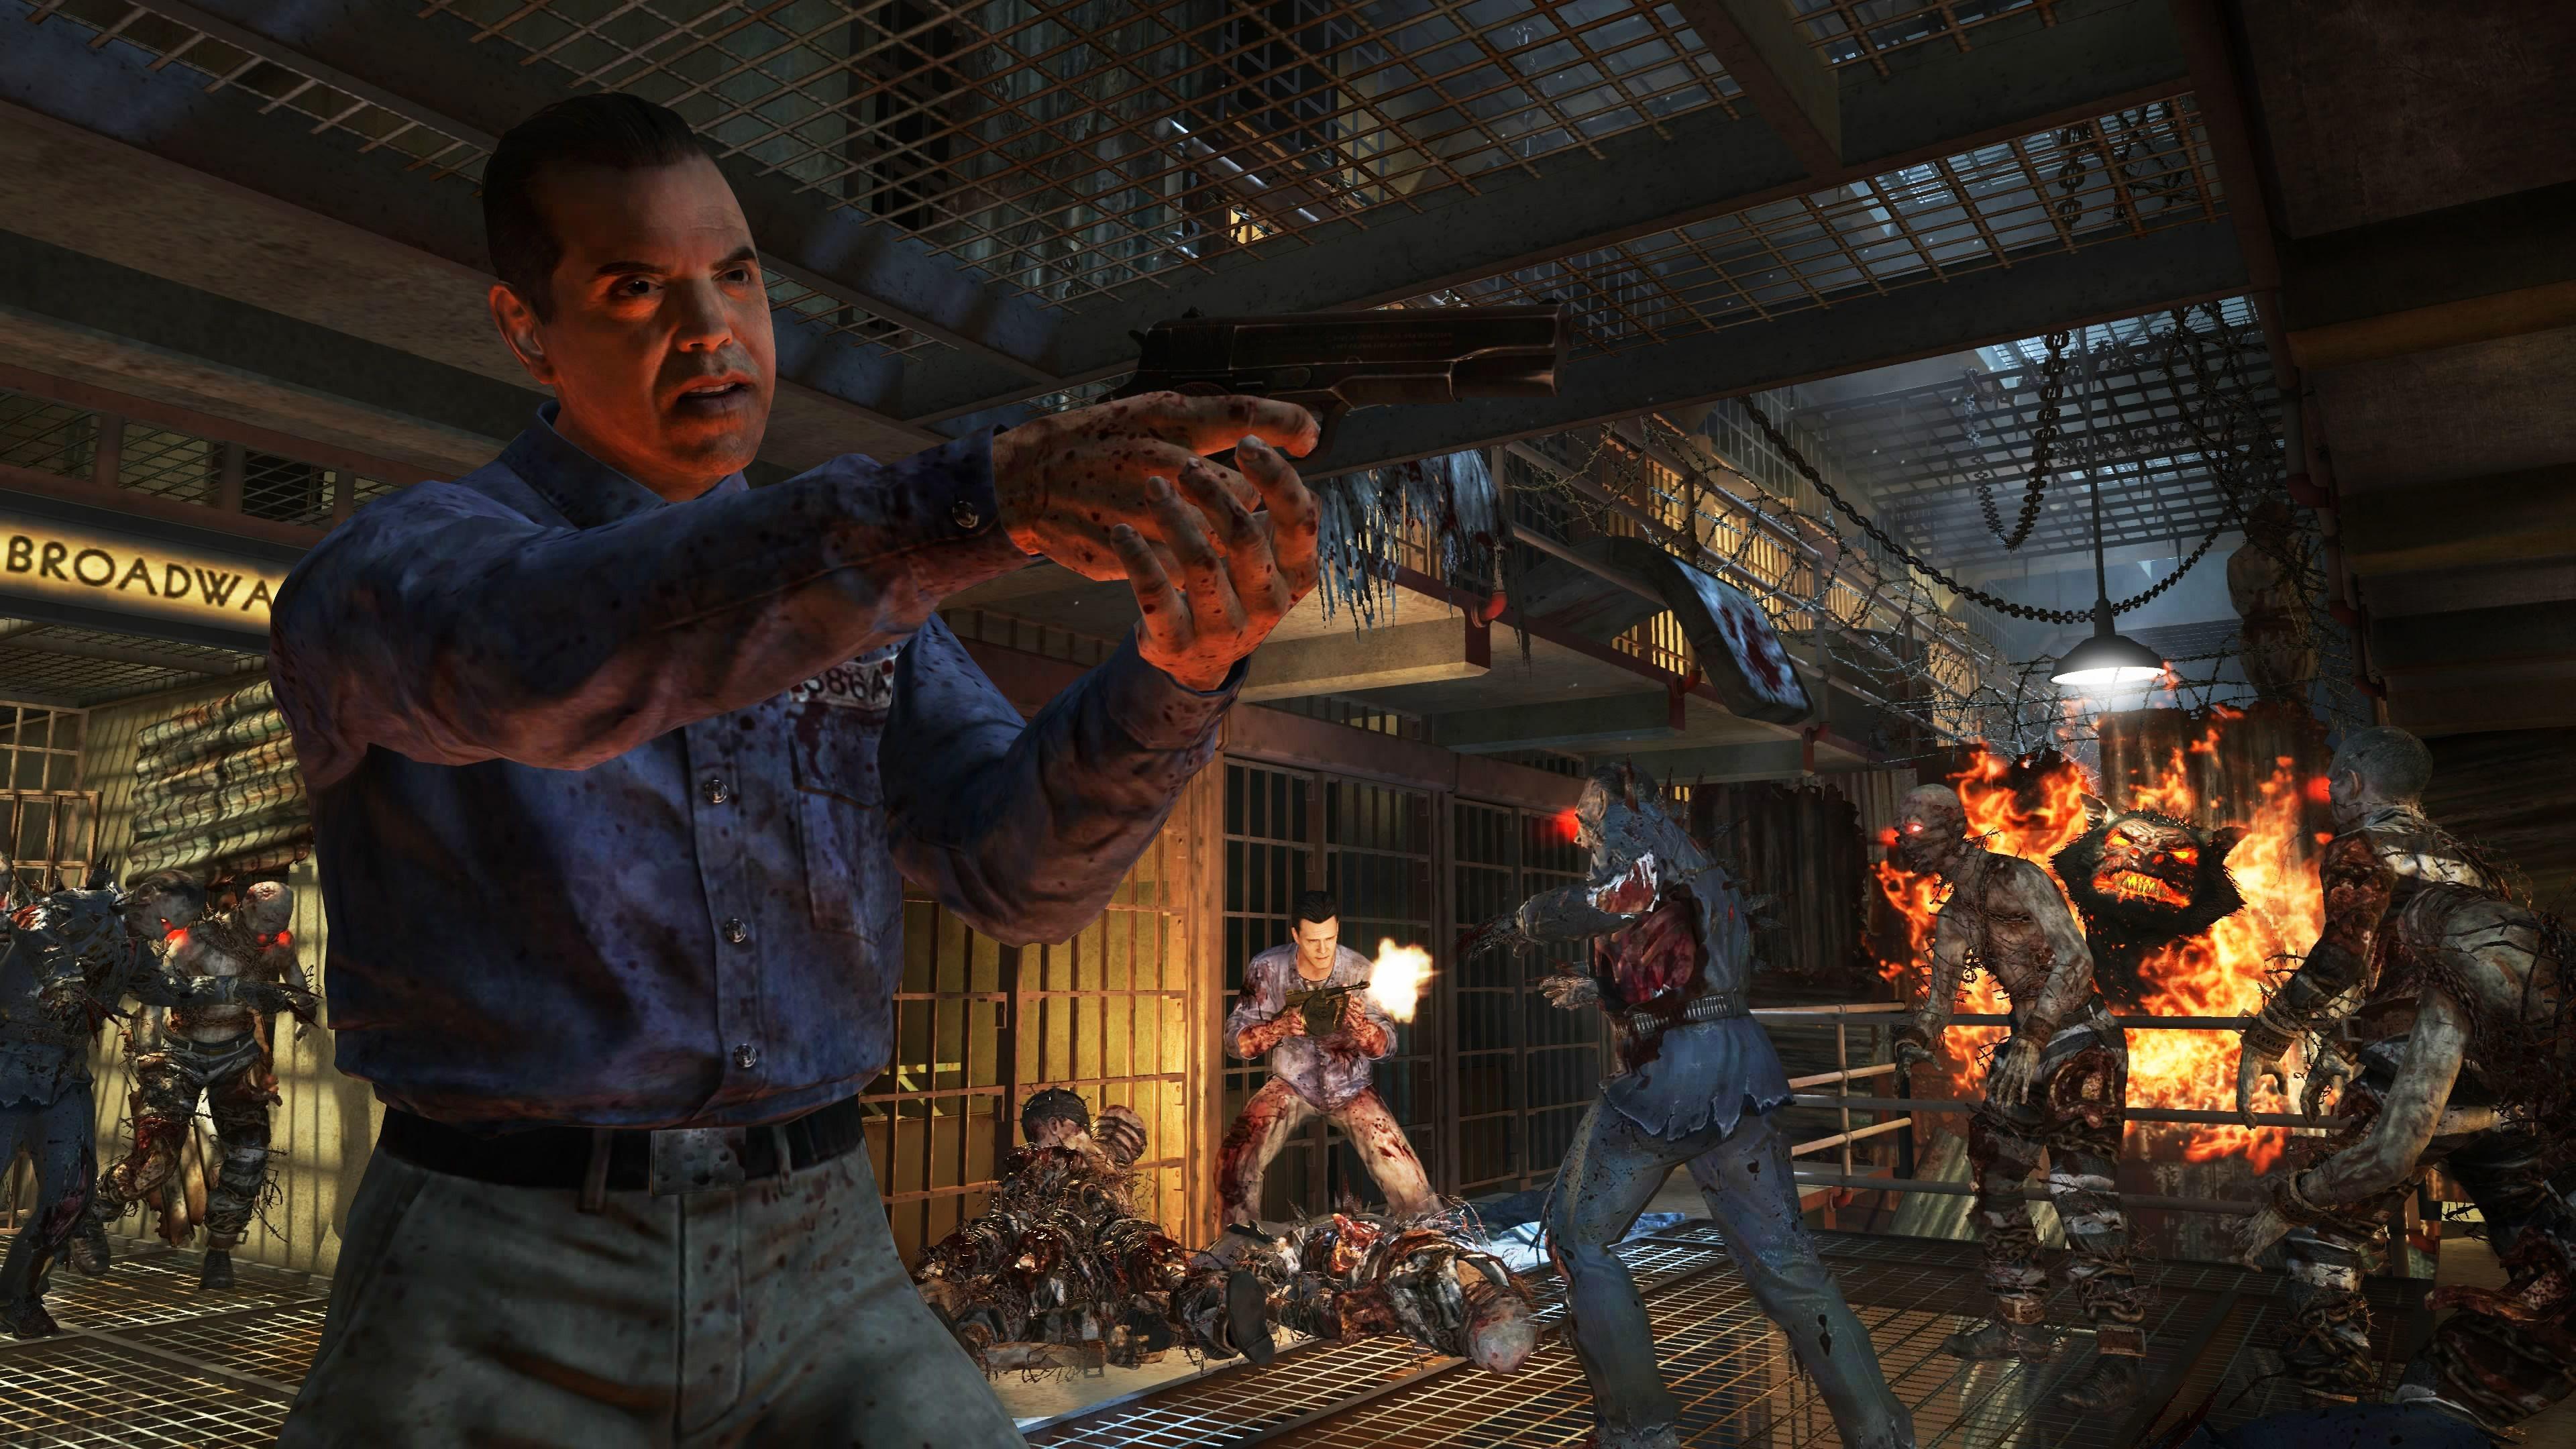 Call of duty black ops 2 zombies wallpaper   danasrfg.top